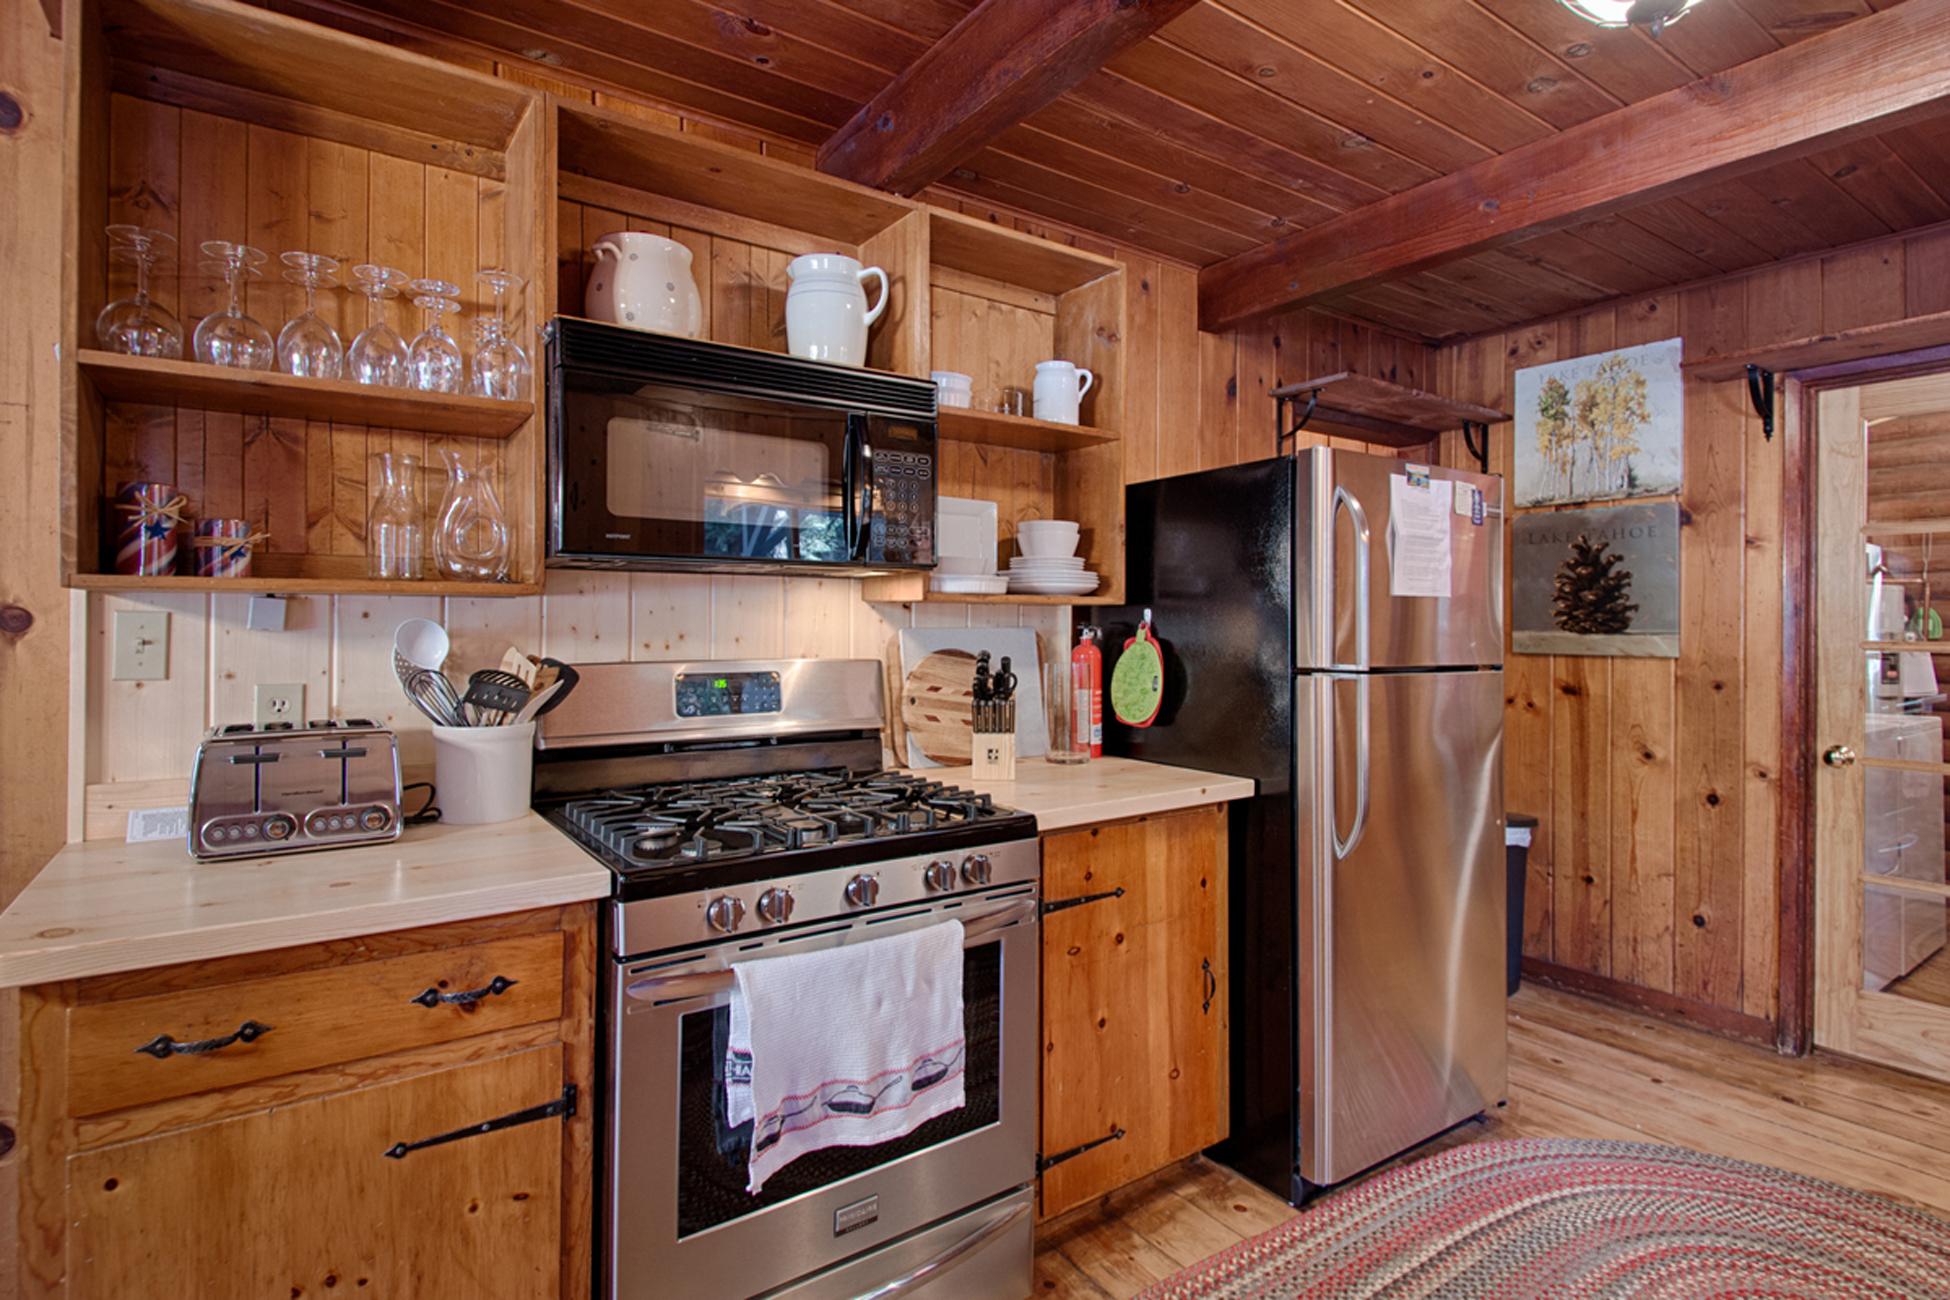 Listing Image 10 for Karley's Lake Lodge